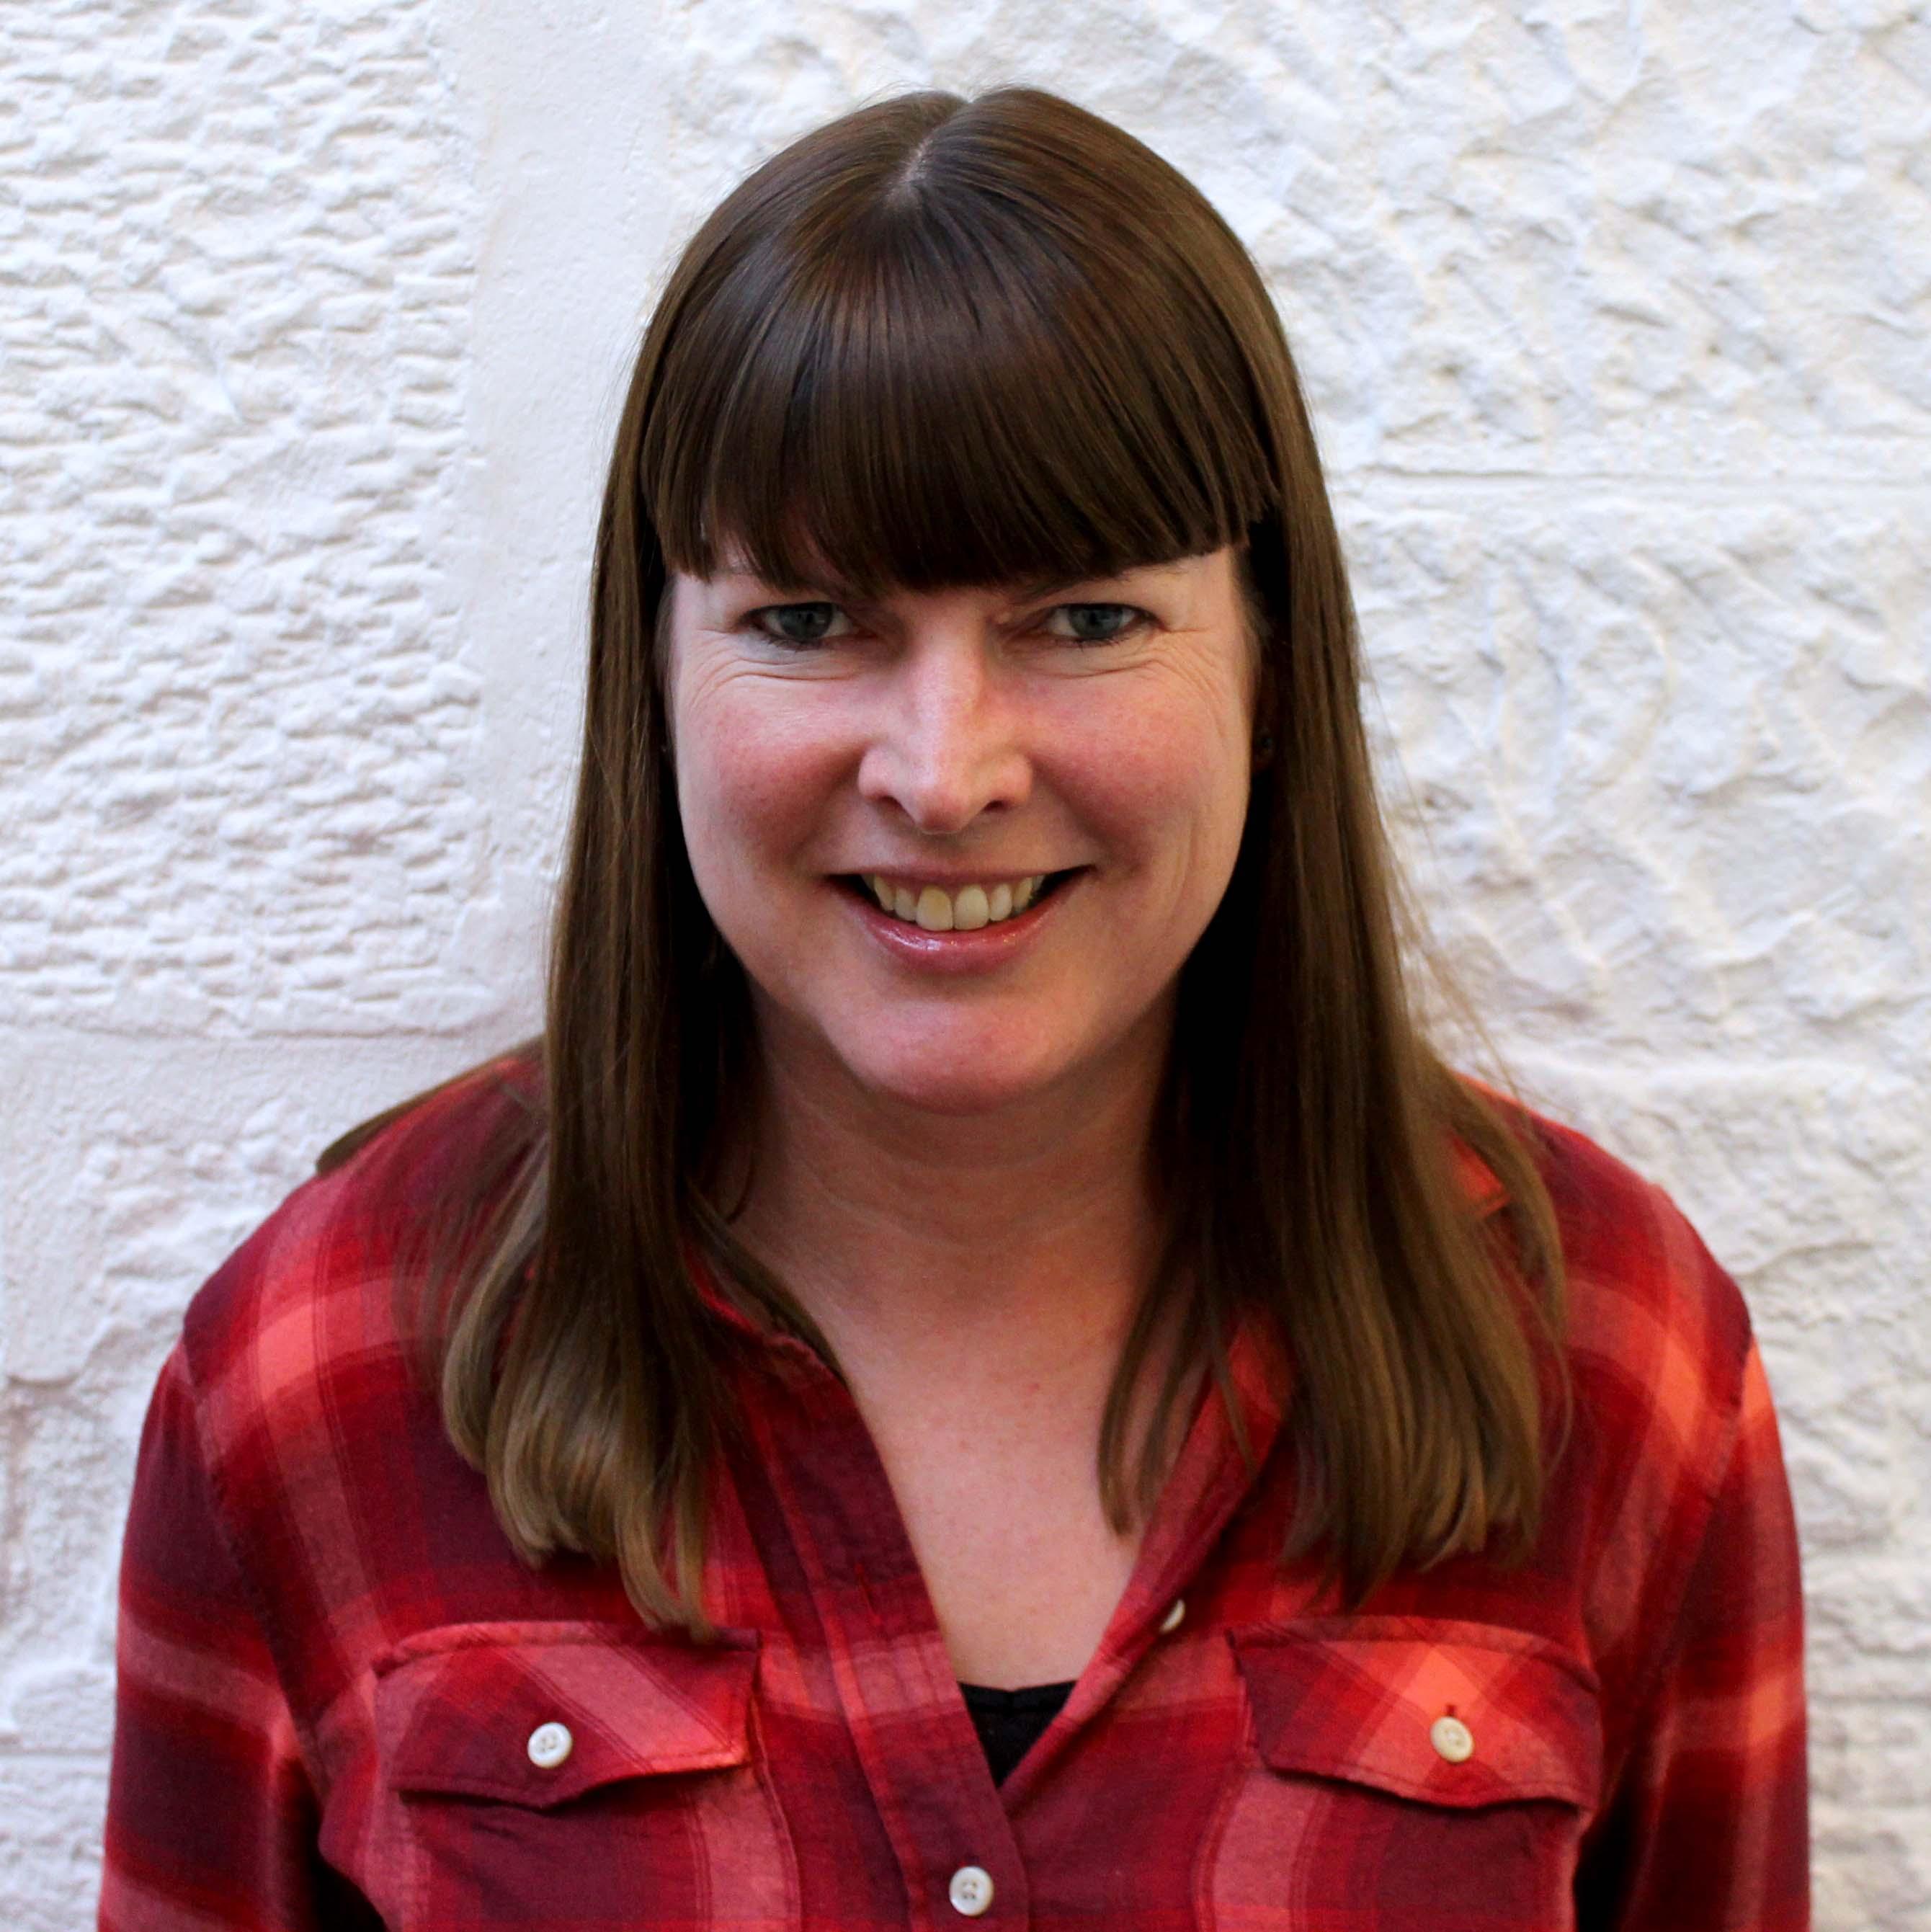 Mary Slater